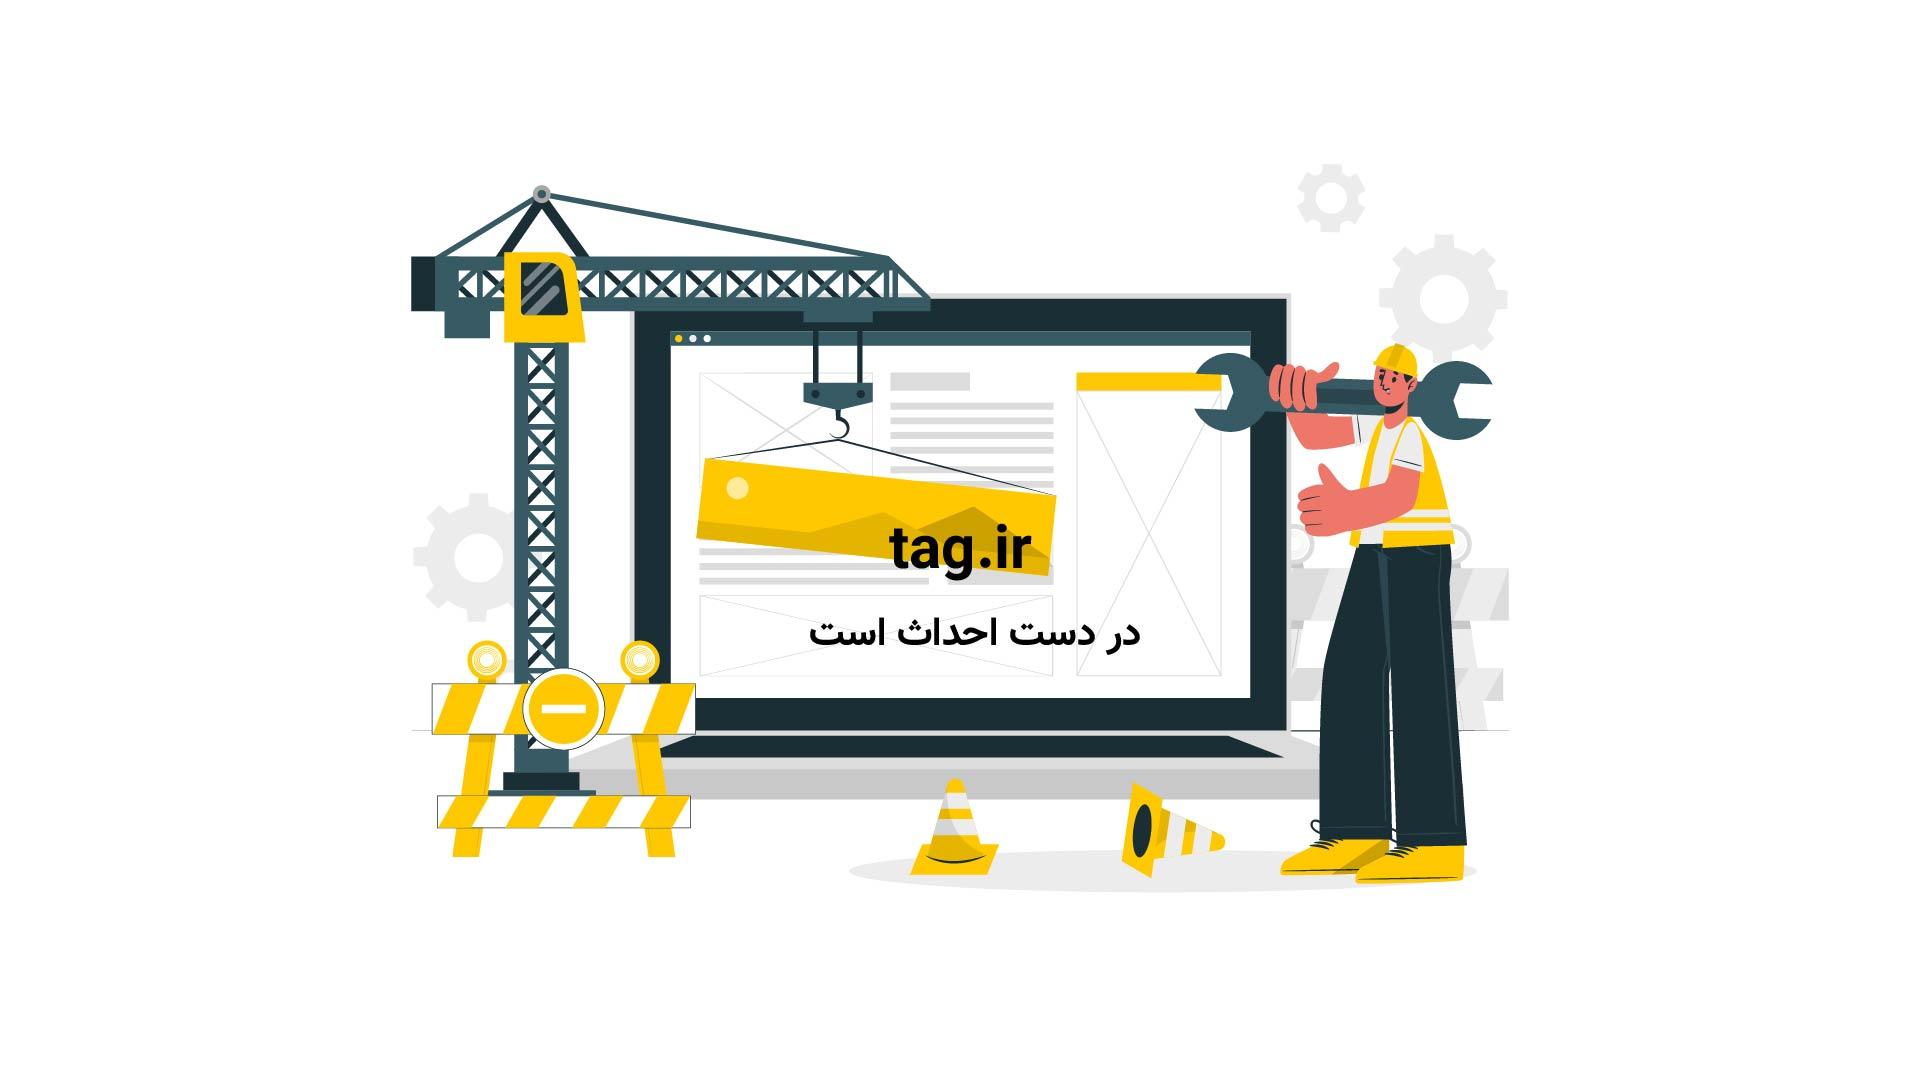 طراحی با مداد؛ آموزش کشیدن اسب | فیلم